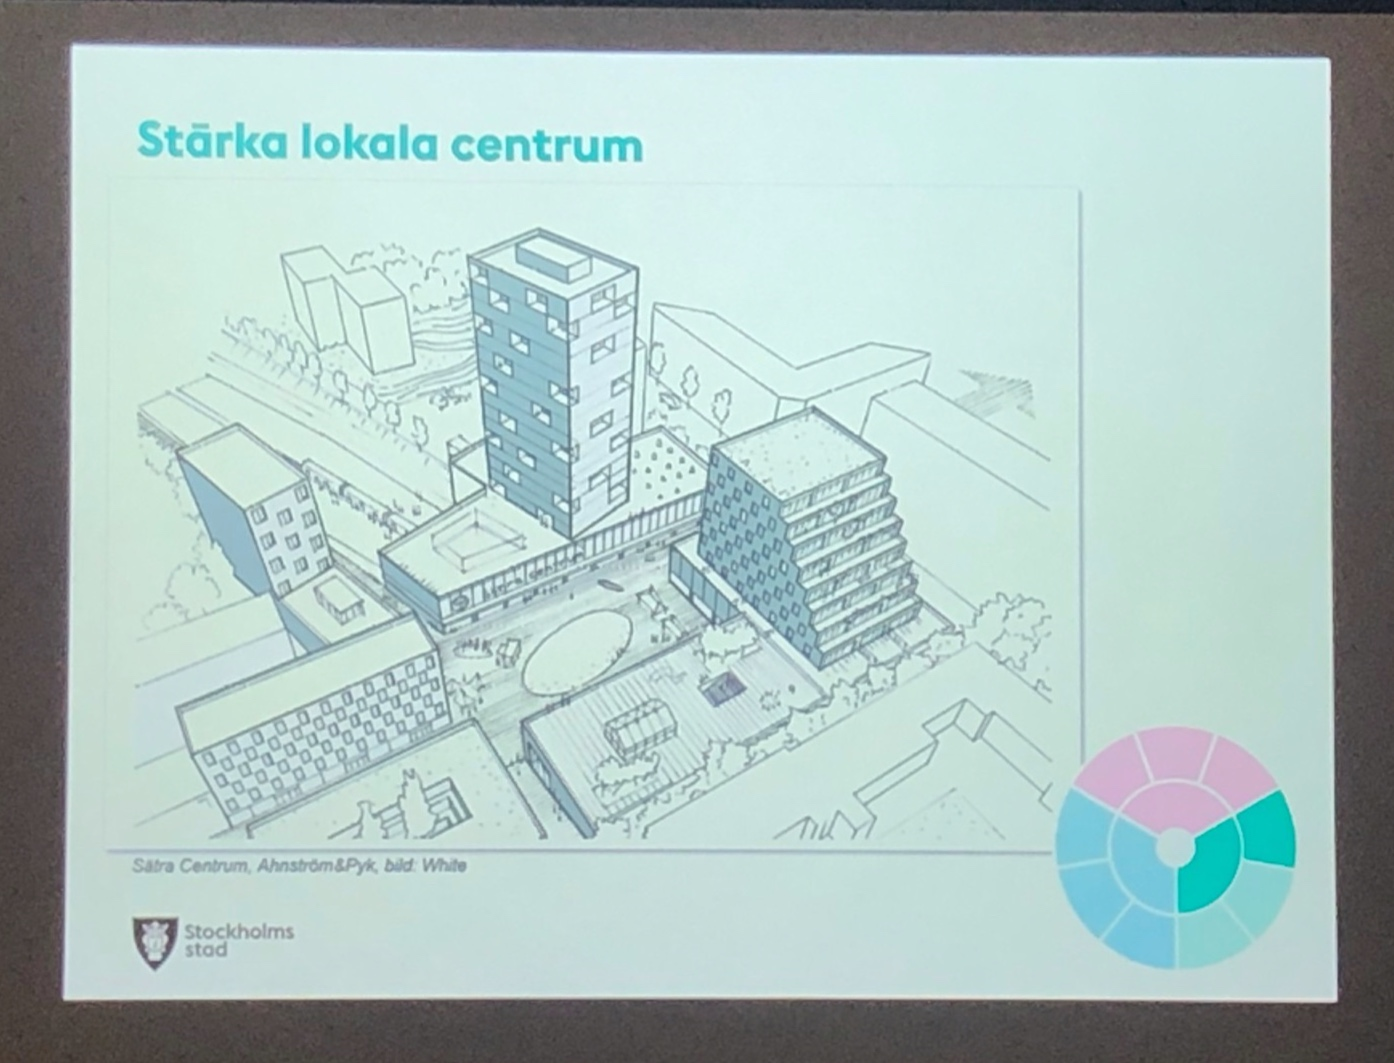 Slik planlegges nye Sätra Torg, med både et nytt torg og høye hus omkring.